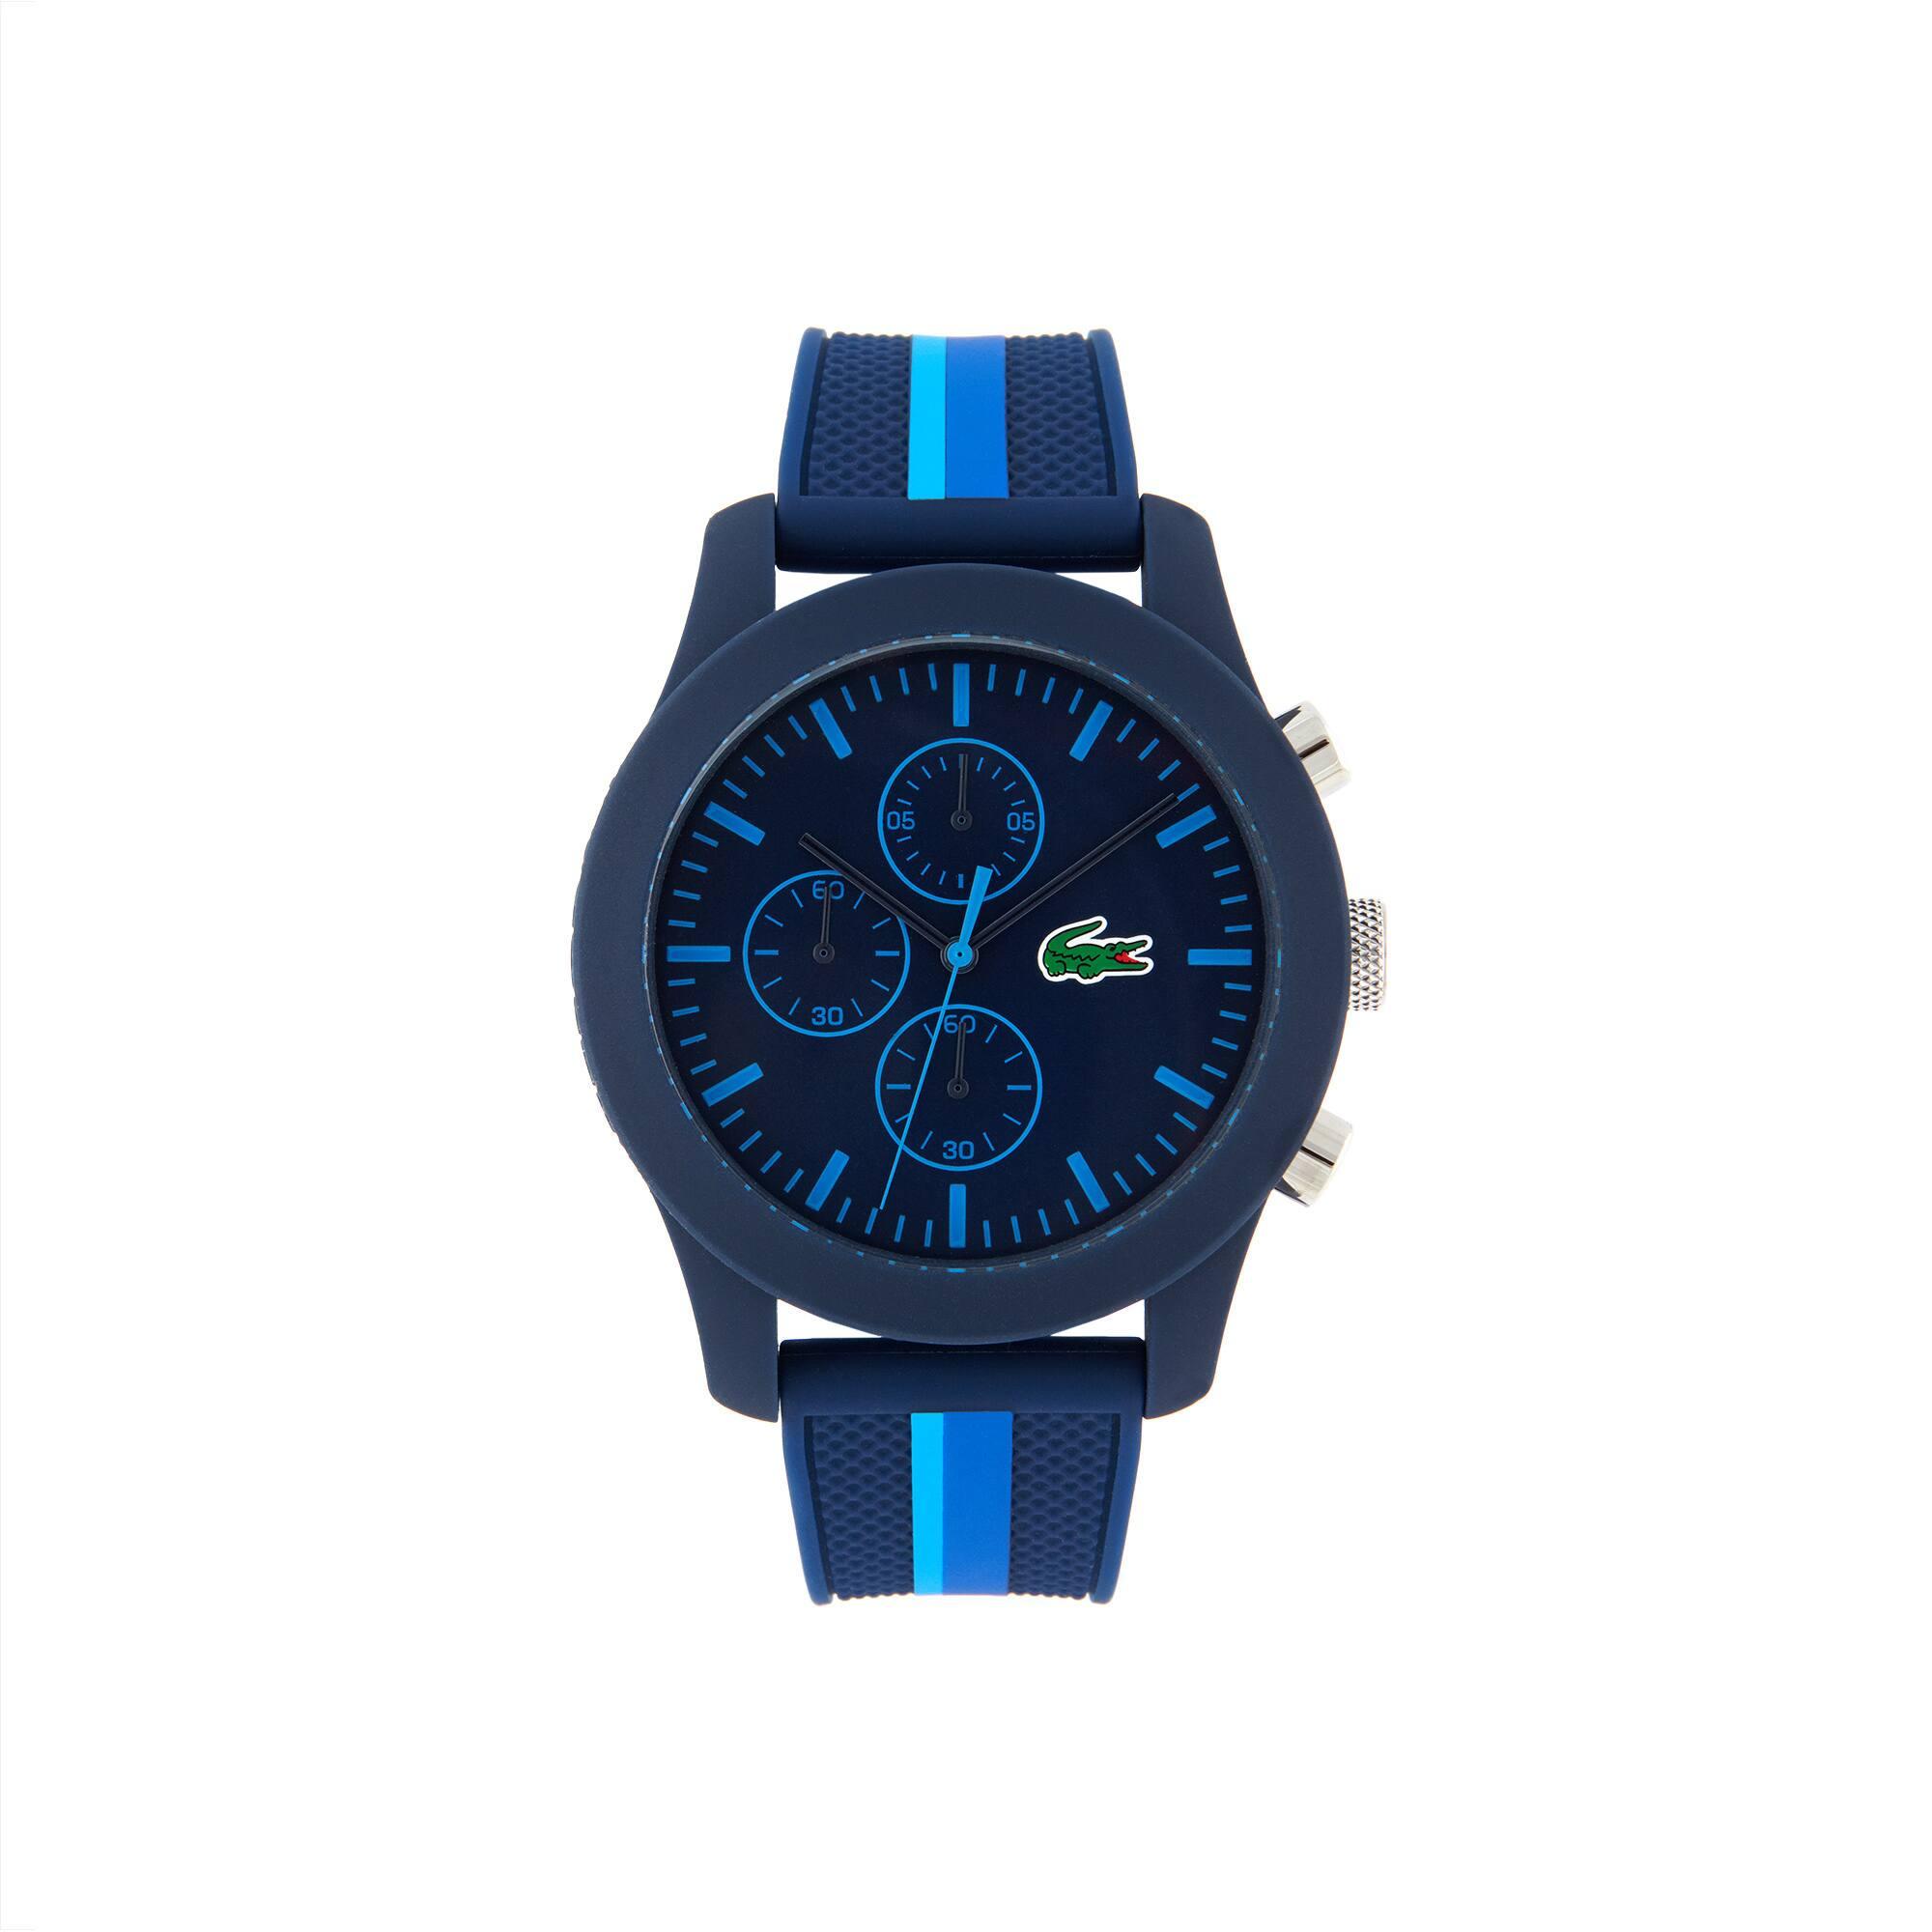 Montre Lacoste.12.12 Holiday Capsule Homme avec Bracelet en Silicone Bleu